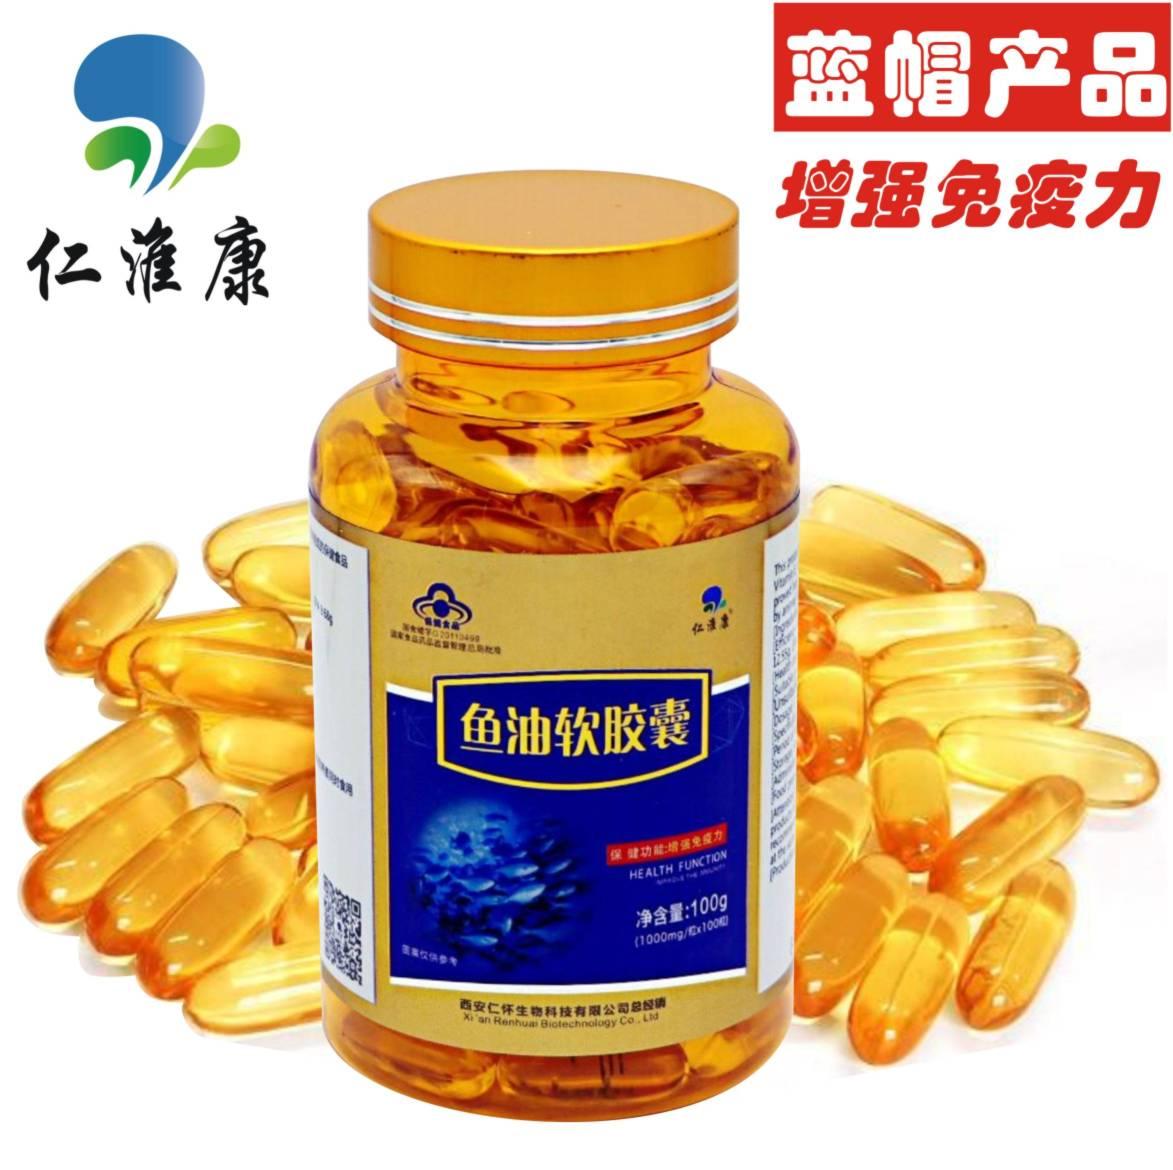 仁淮康鱼油软胶囊 深海鱼油产品